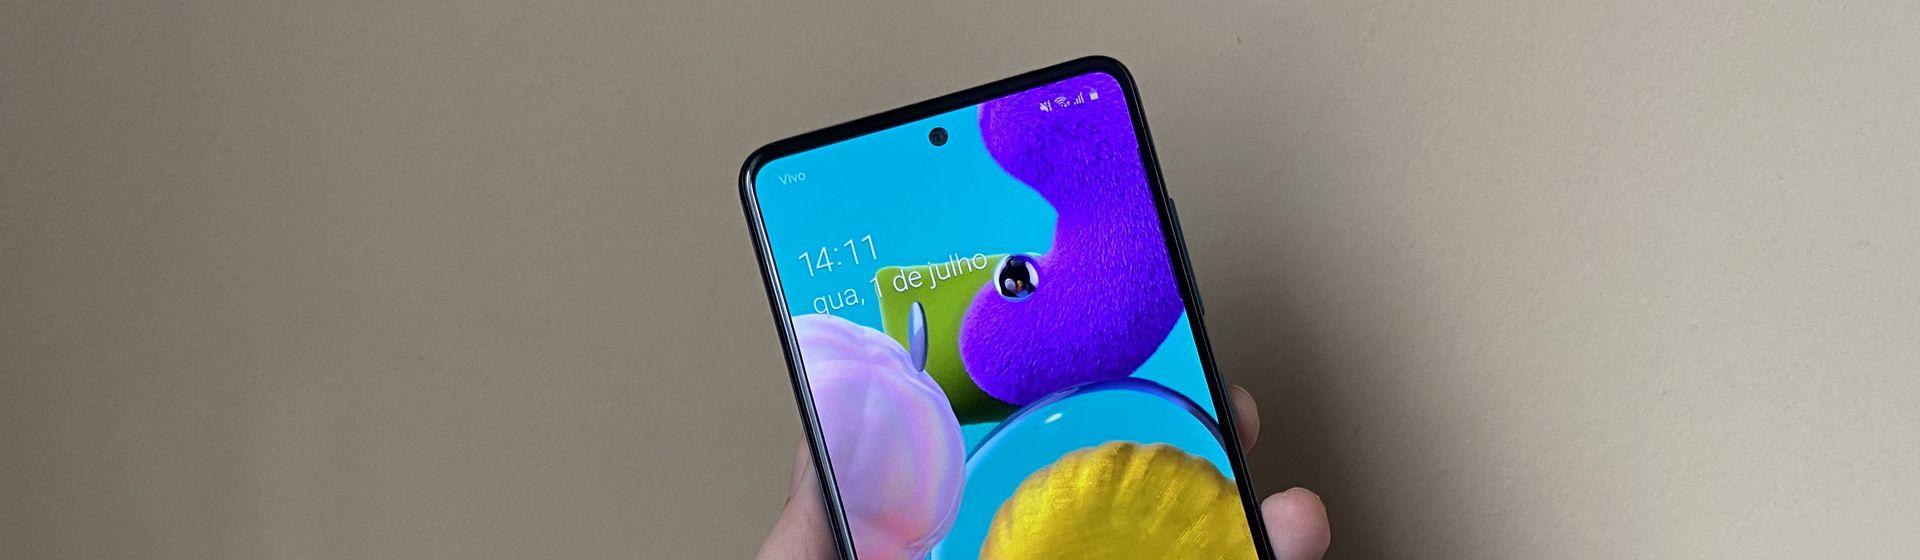 Celulares mais vendidos em junho de 2020: Galaxy A51 mantém liderança